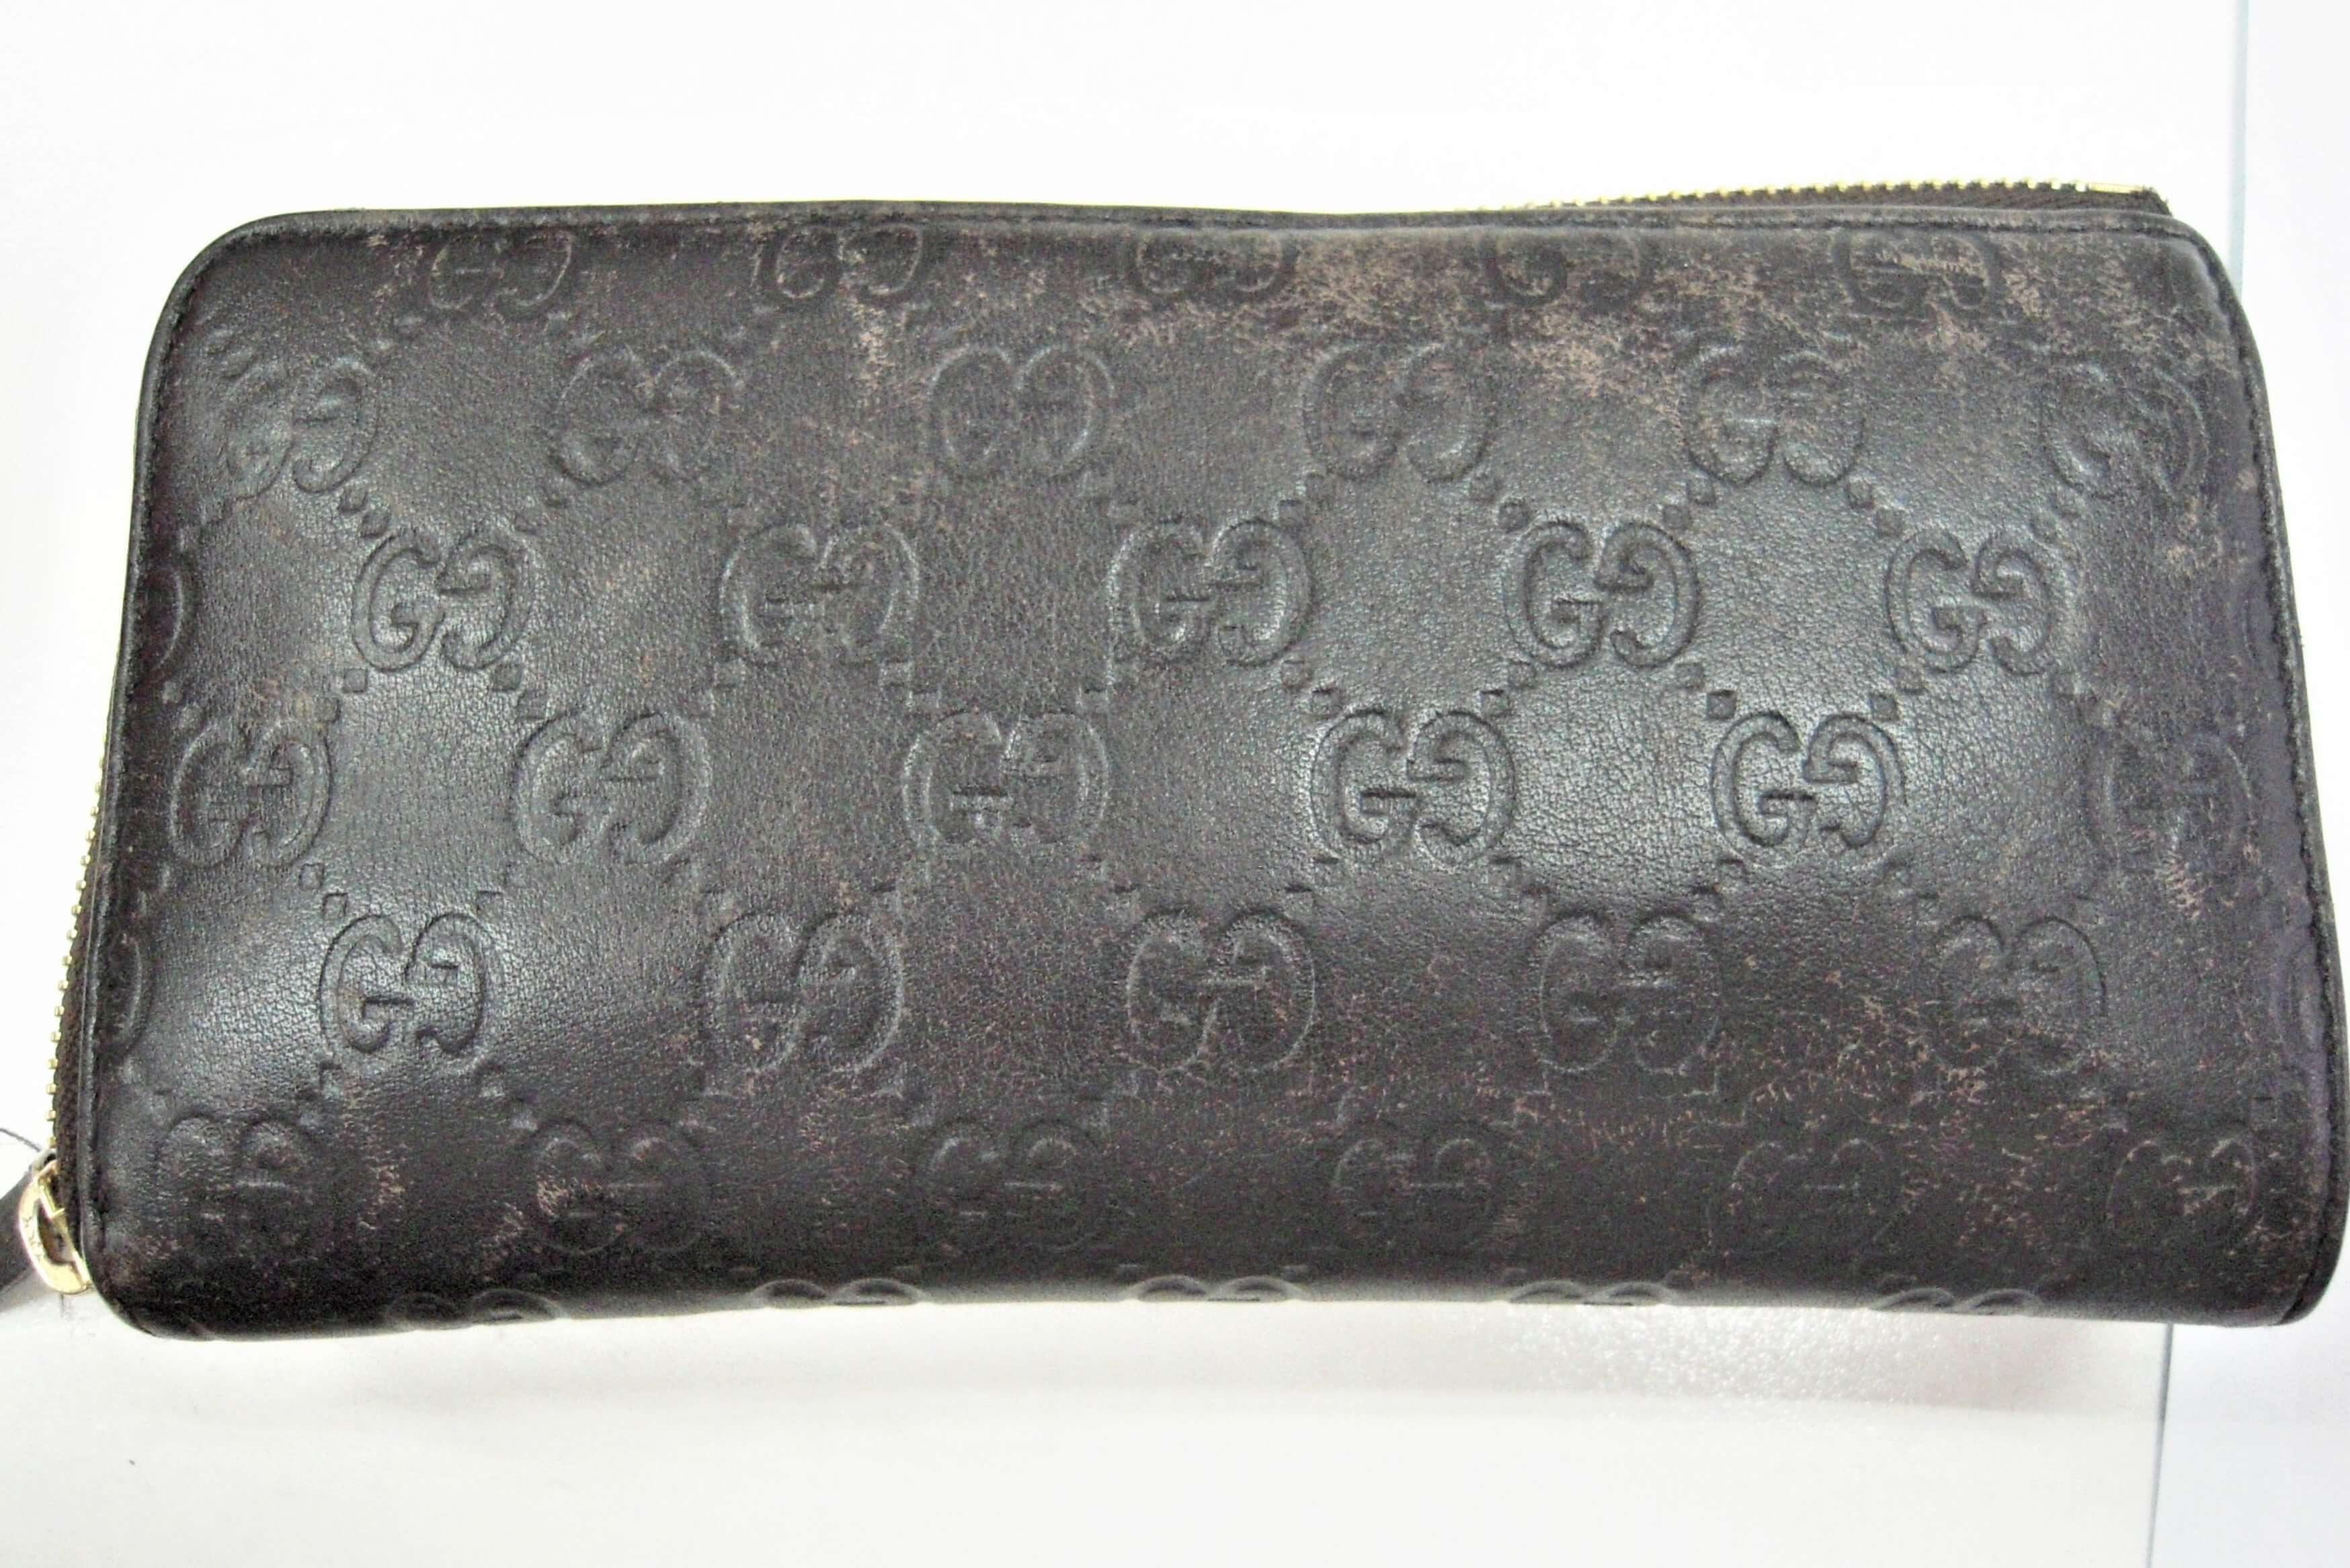 グッチ グッチシマ長財布の色修復|<p>思い出のお財布なので長く使いたいとベーシックケアをご依頼頂きました。若干乾燥気味だったのでしっかり保湿をして色修復。定期的なメンテナンスが長持ちする秘訣です。</p>